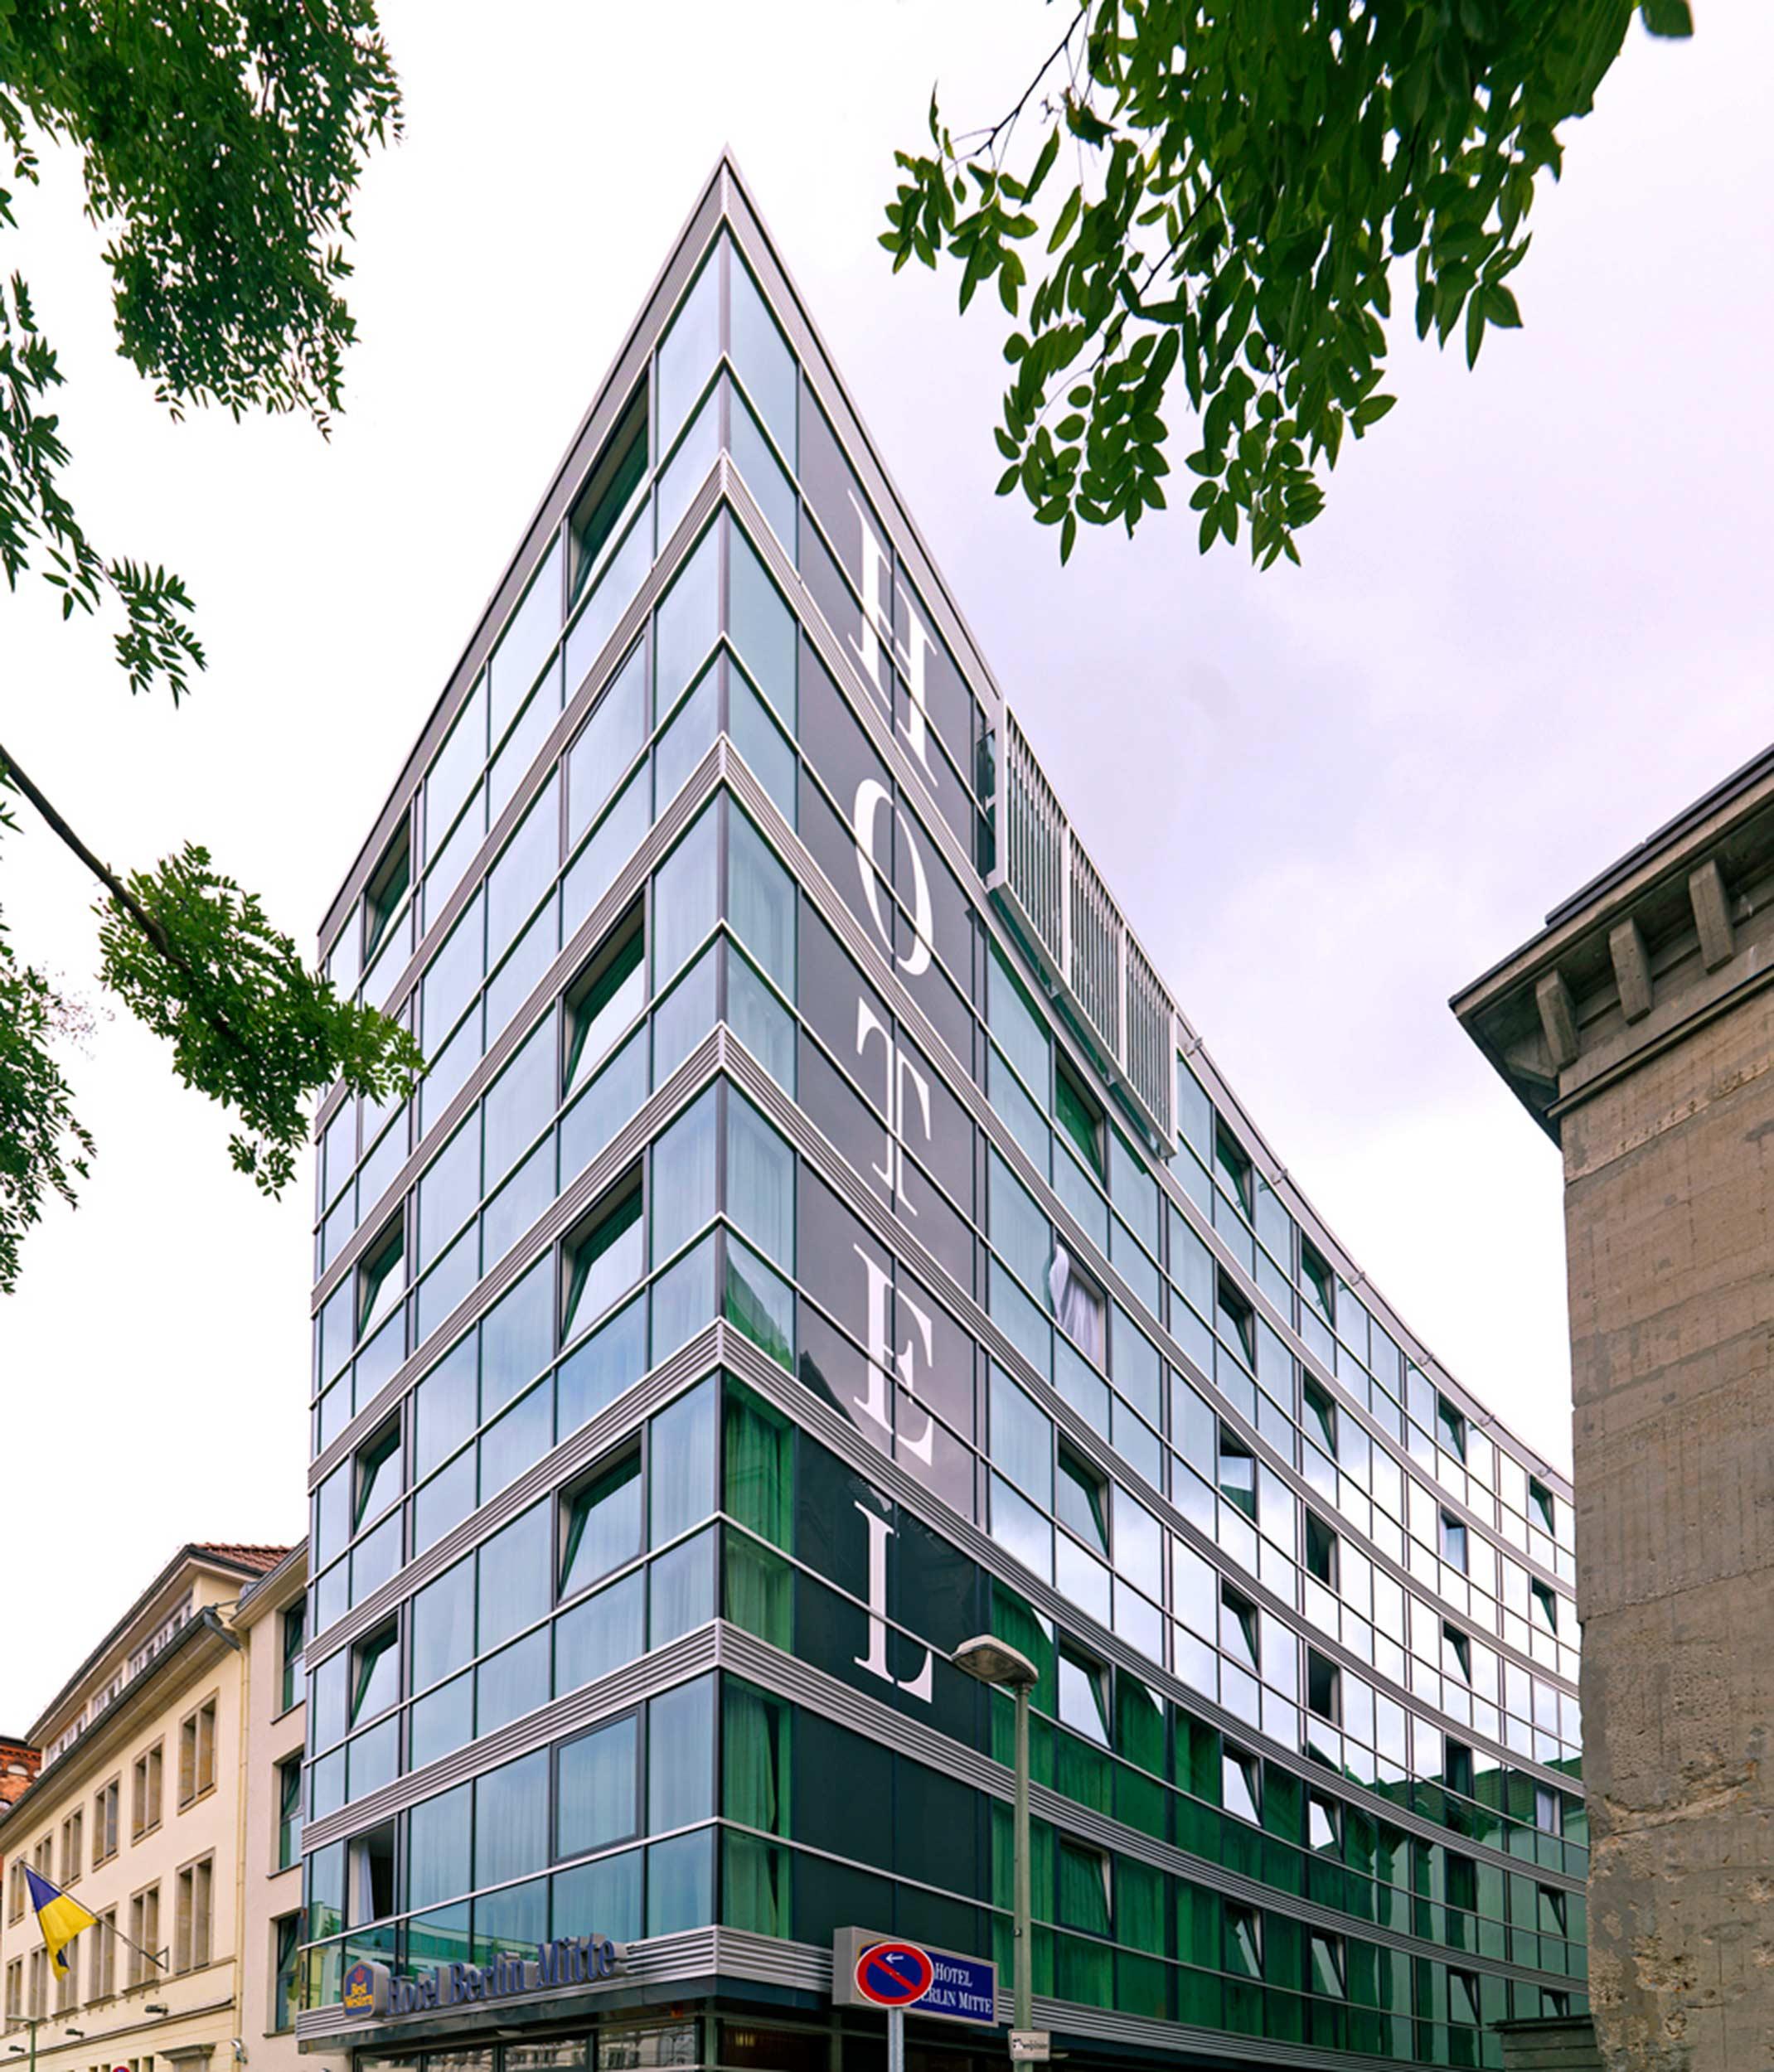 Hotelgebaeude Albrechtstrasse 25.jpg